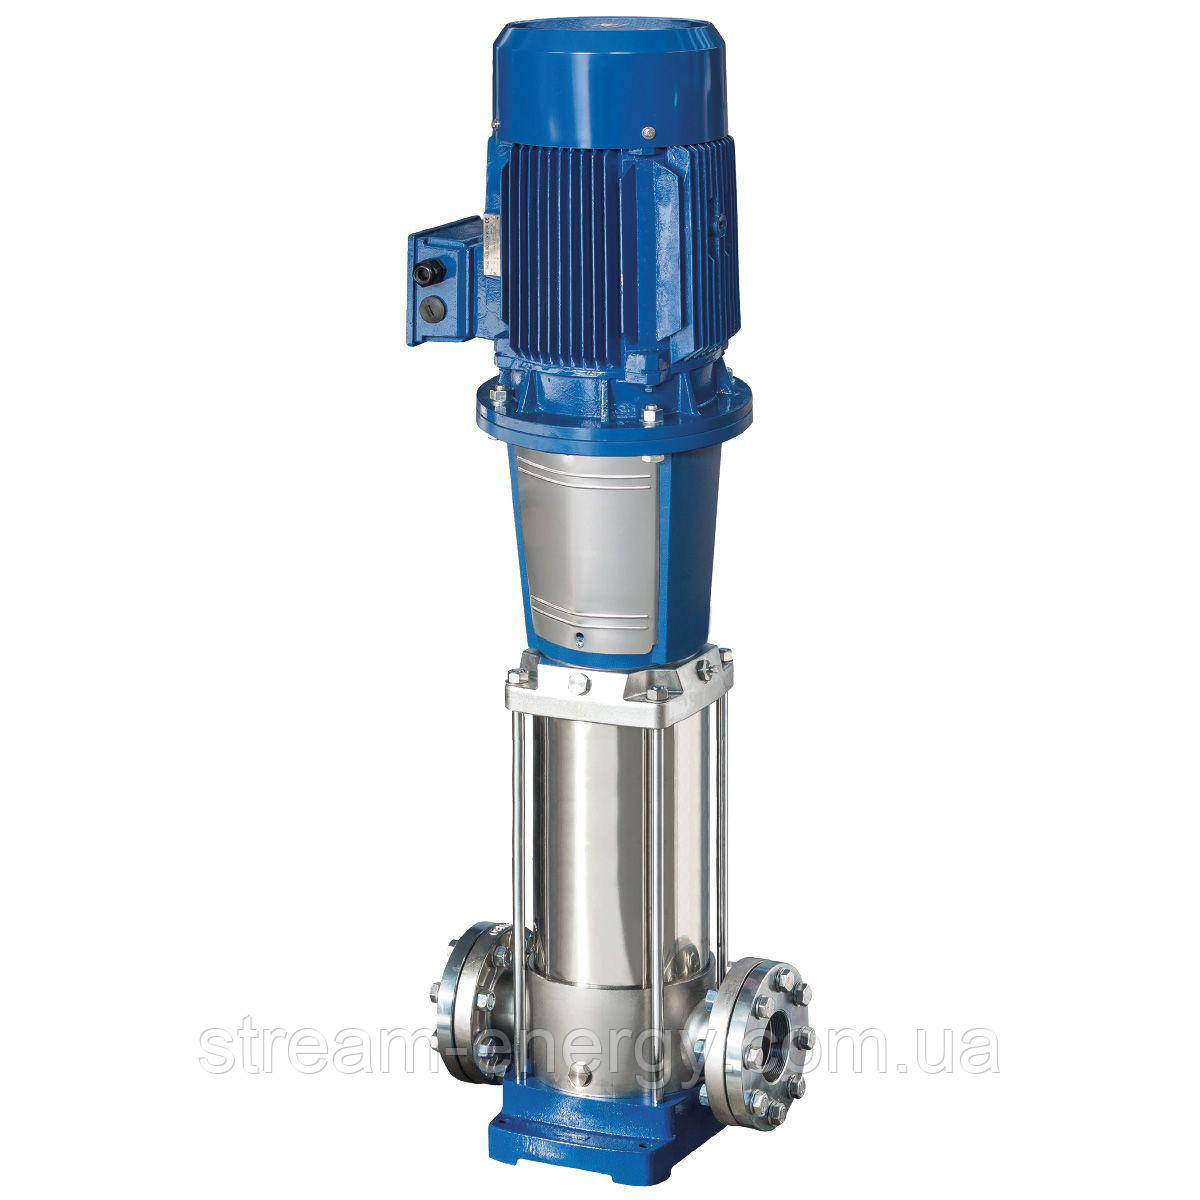 Вертикальный насос инлайн Speroni VS42 Inline, подача 55 м3/ч